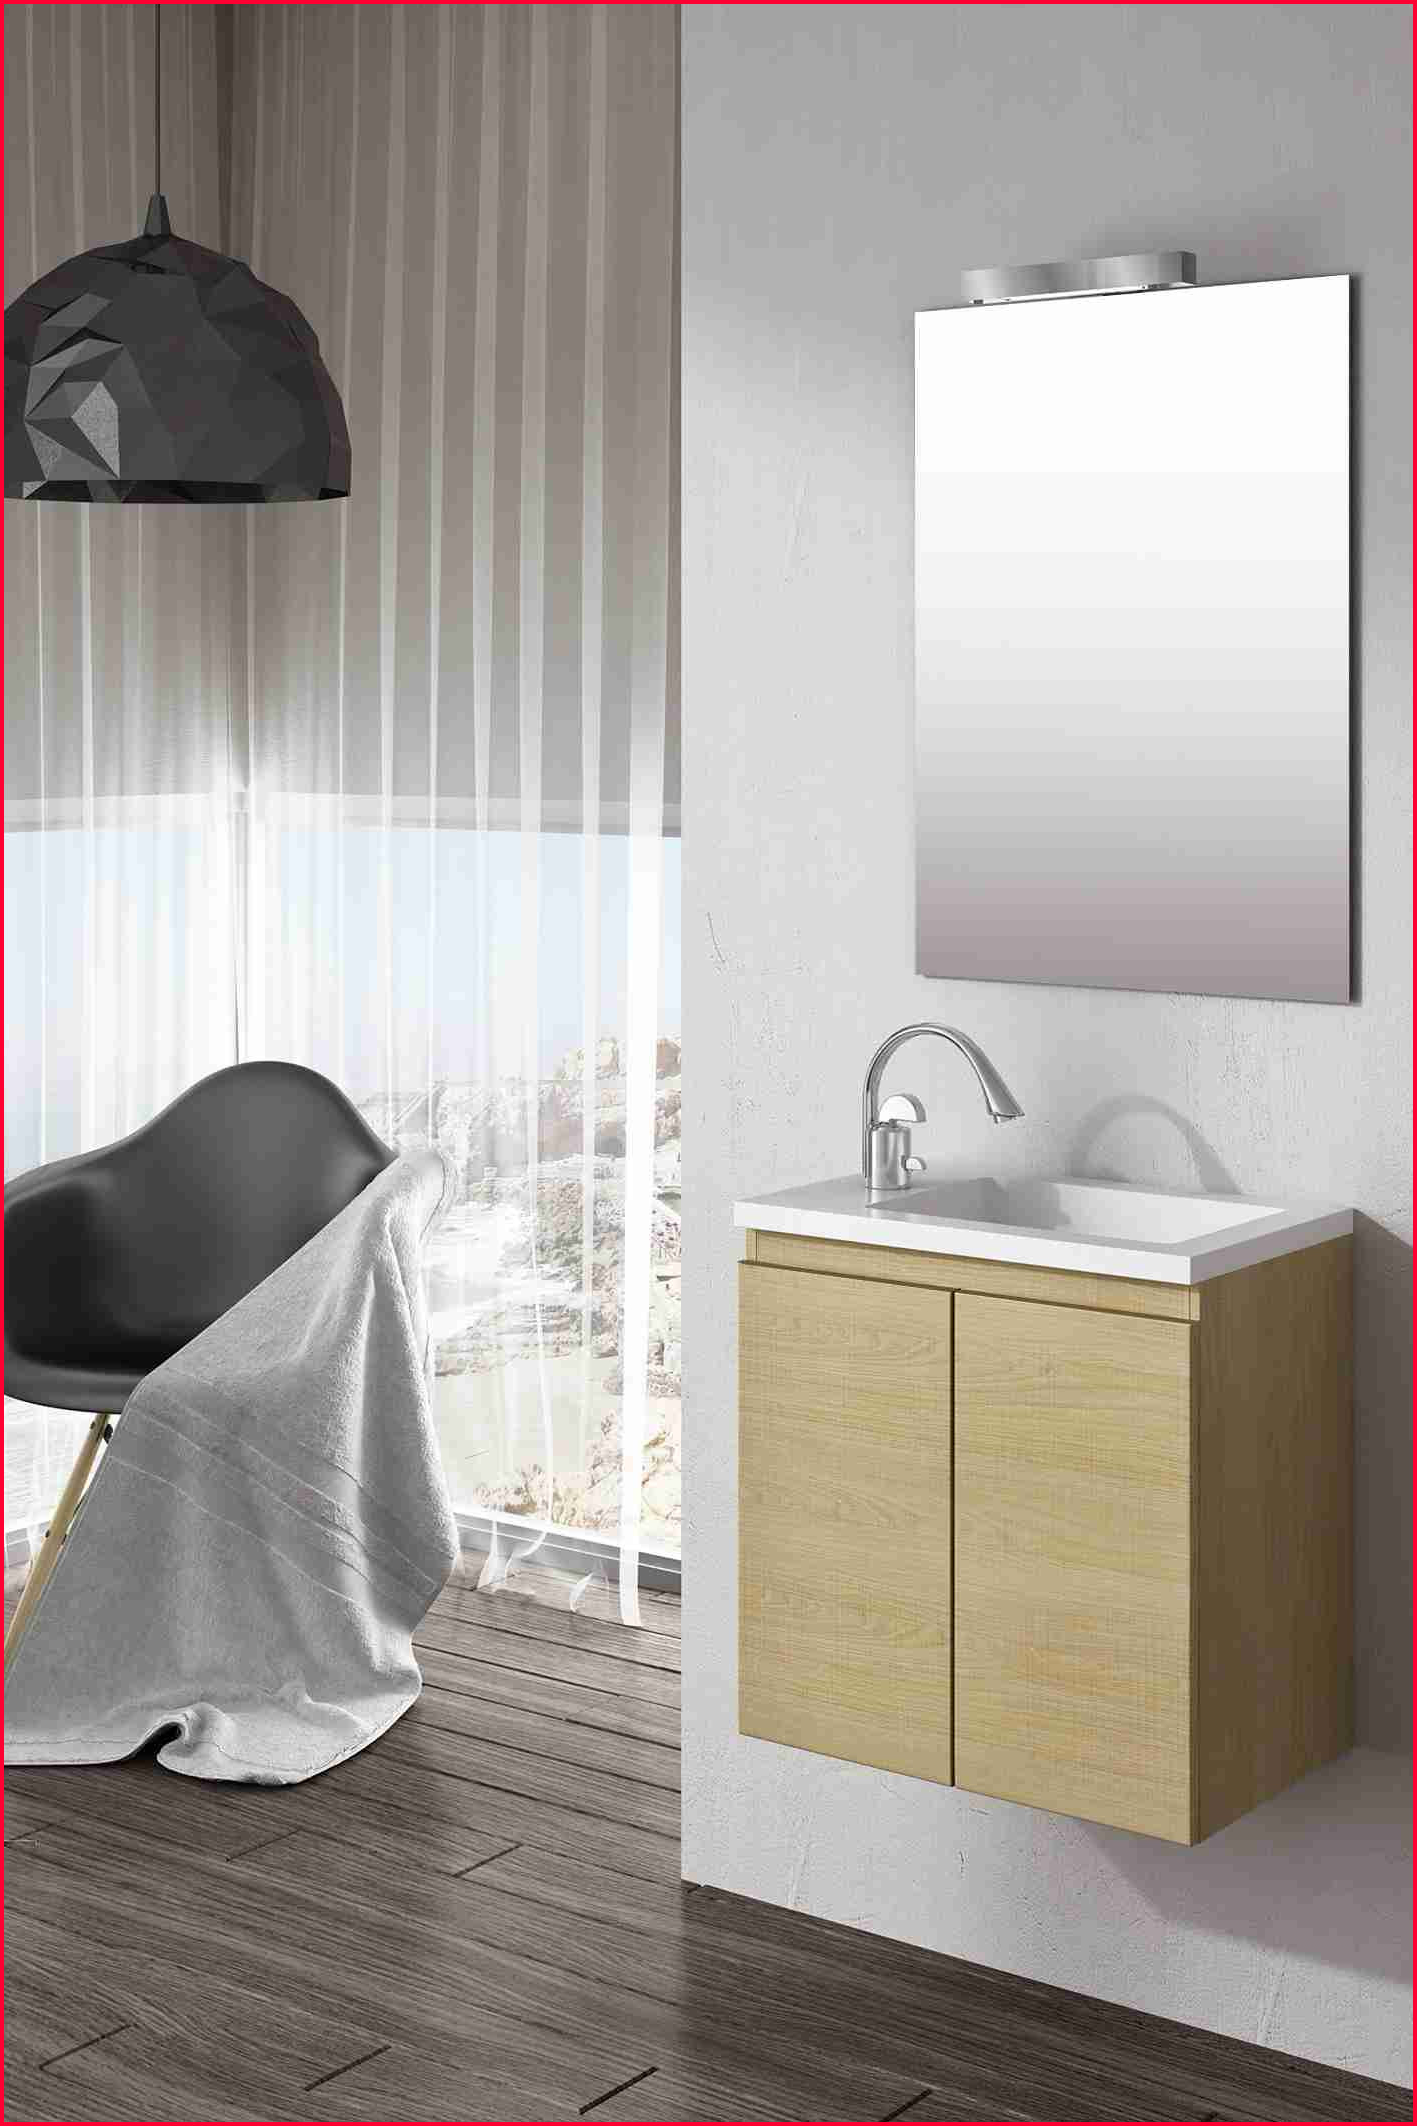 Lavabos Pequeños Con Mueble Rldj Lavabos Para Baà Os Pequeà Os Couper Le souffle Muebles De